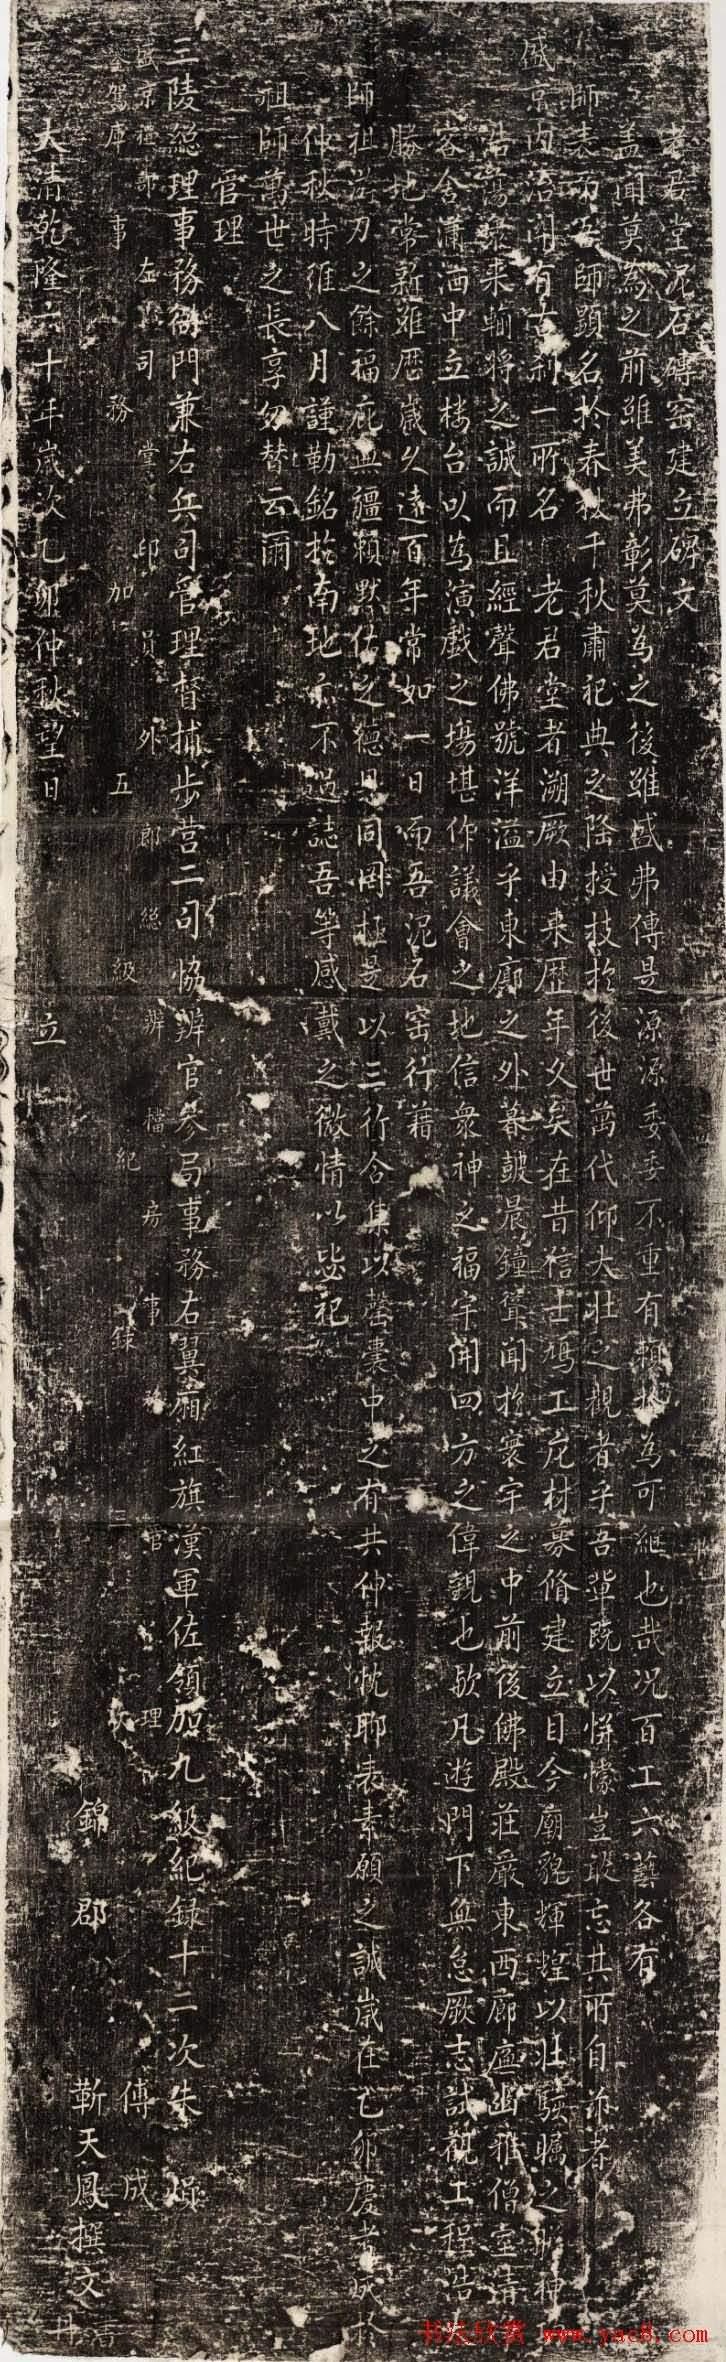 靳天鳳書《老君堂泥石磚窯建立碑文》(共2張圖片)